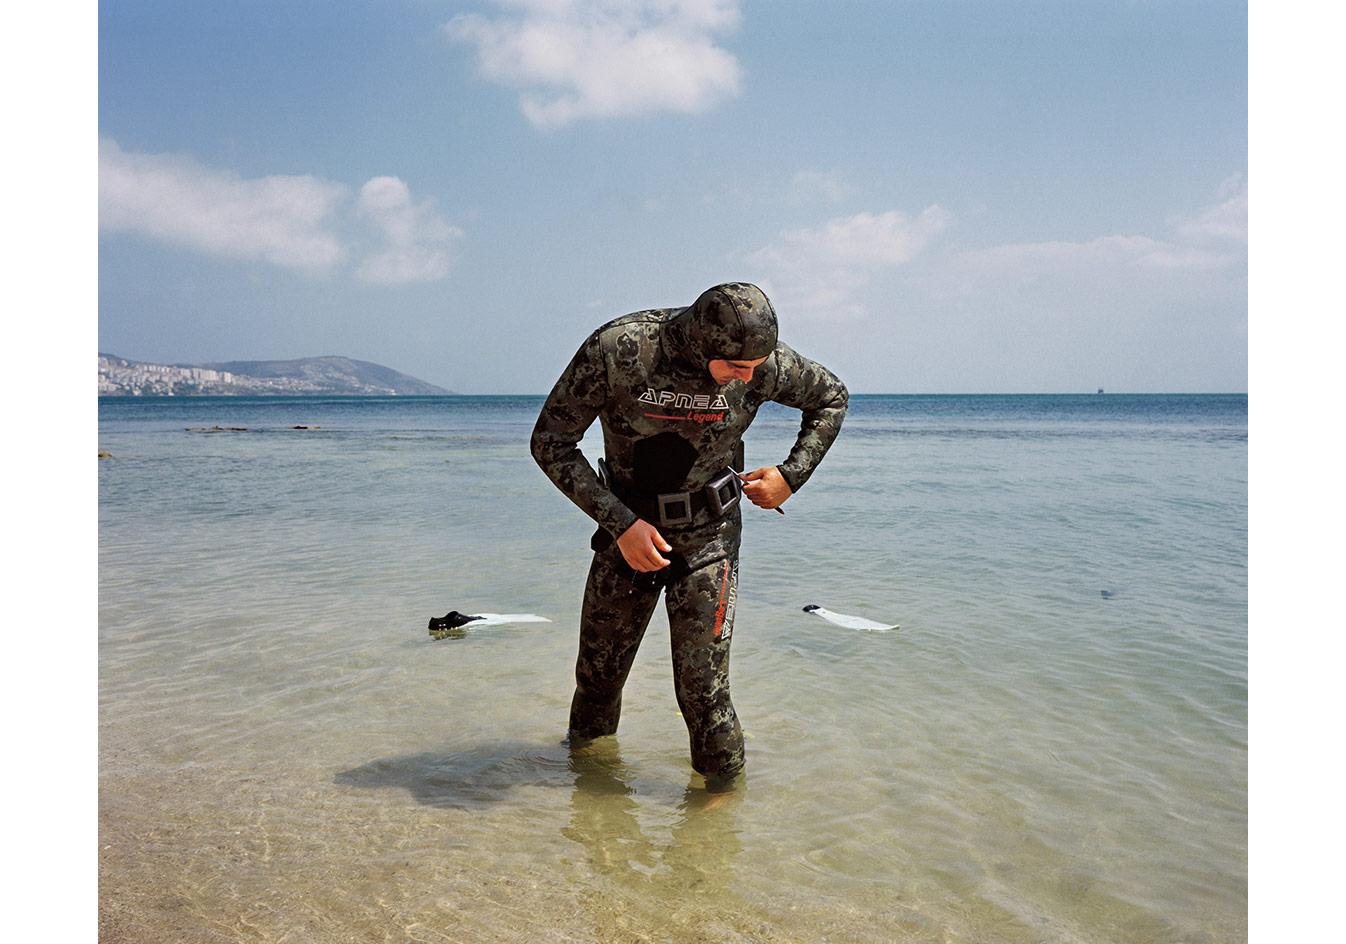 Dalmaya hazırlanan bir dalgıç, Sinop © Mathias Depardon